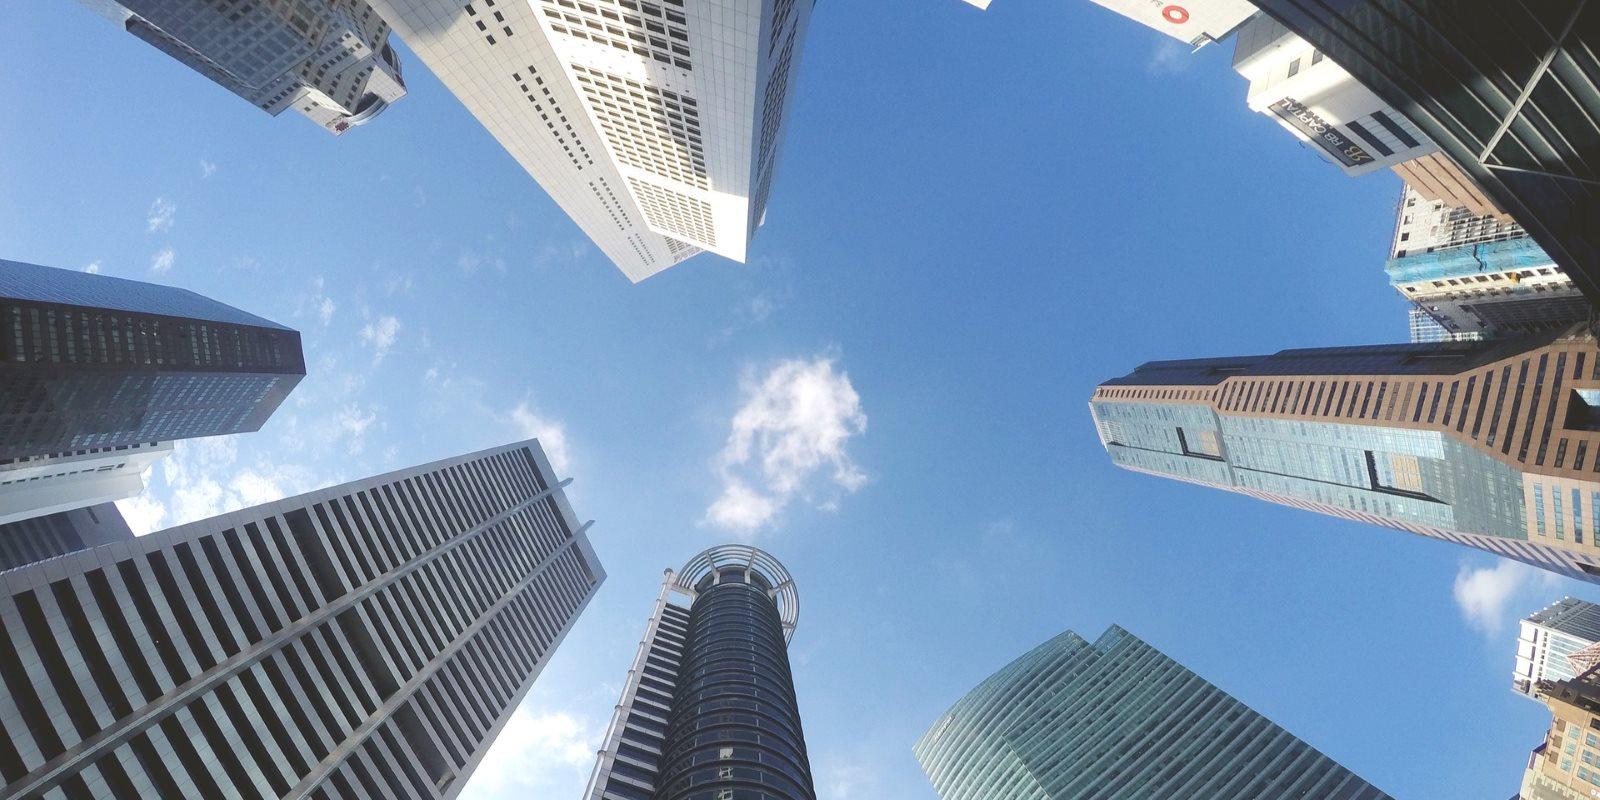 PRIME est un cabinet de conseil spécialisé en immobilier d'entreprise PRIME est un cabinet de conseil spécialisé en immobilier d'entreprise. Nous accompagnons les sociétés dans leur projet d'installation, de réimplantation et de développement immobilier